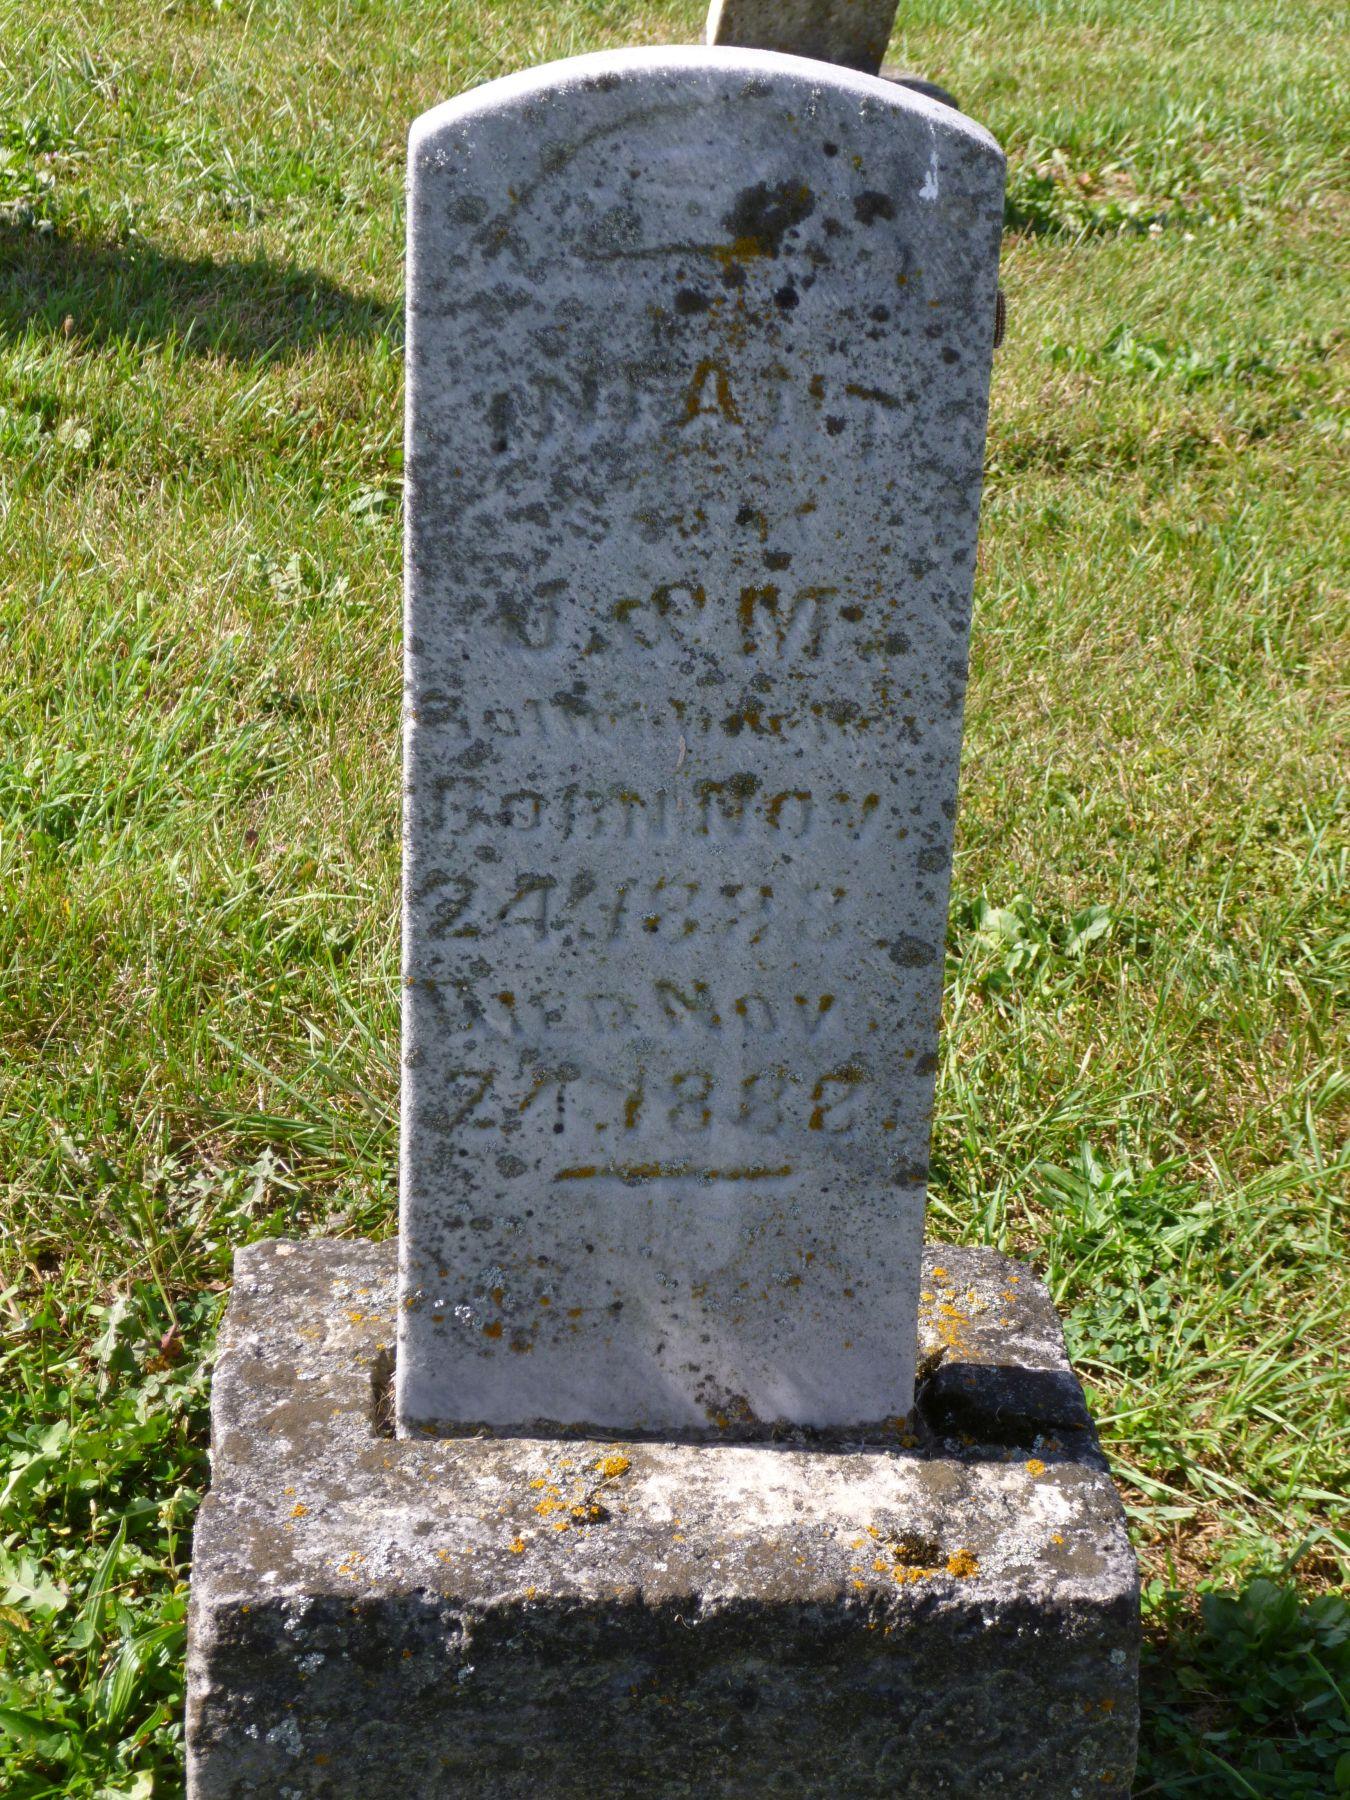 Ohio mercer county rockford - Infant Son Of J M Bollenbacher Kessler Cemetery Mercer County Ohio 2017 Photo By Karen